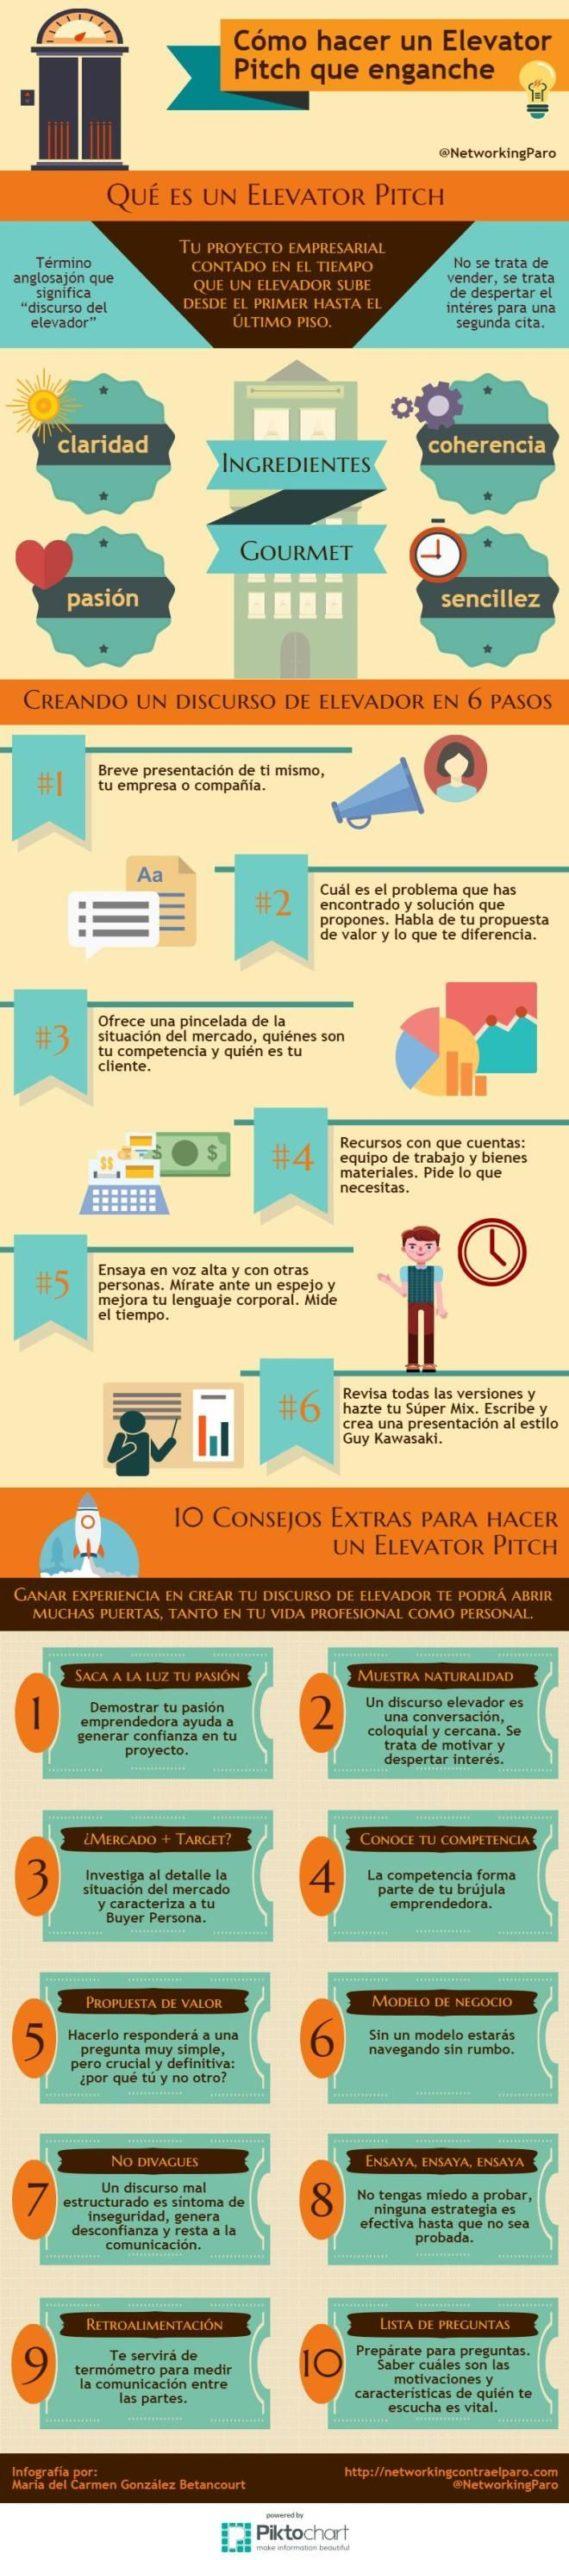 Infografia - Cómo hacer un Elevator Pitch que enganche #infografia #infographic #entrepreneurship - TICs y Formación